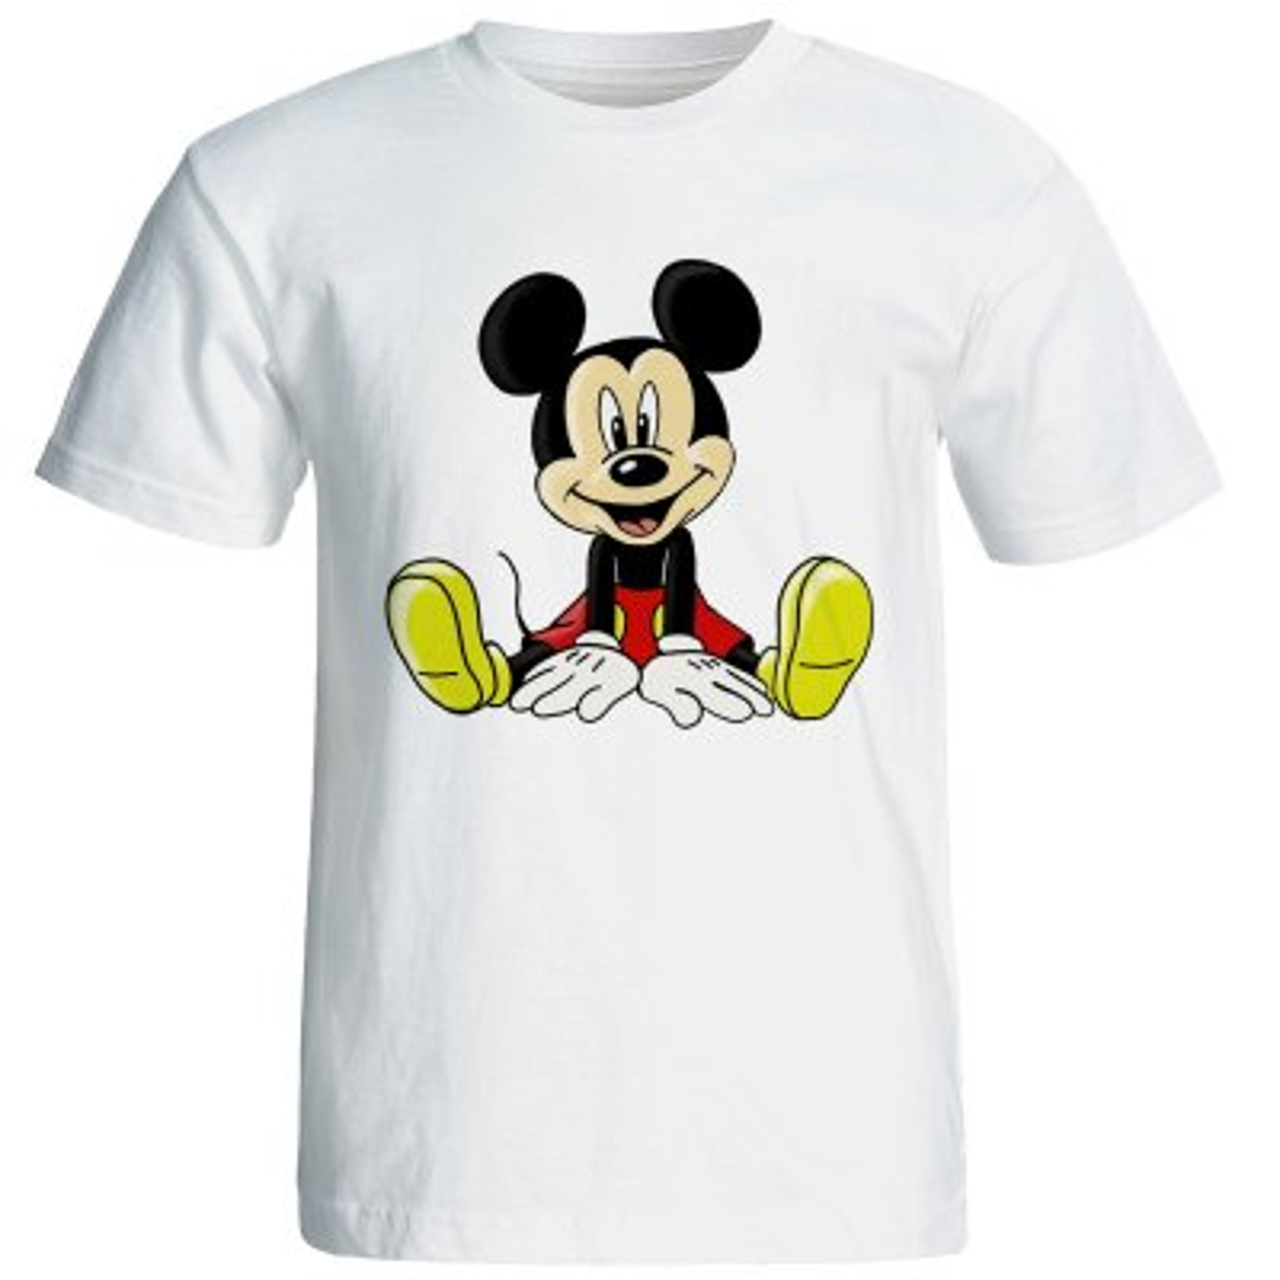 تصویر تی شرت آستین کوتاه مردانه شین دیزاین طرح میکی موس کد 4542